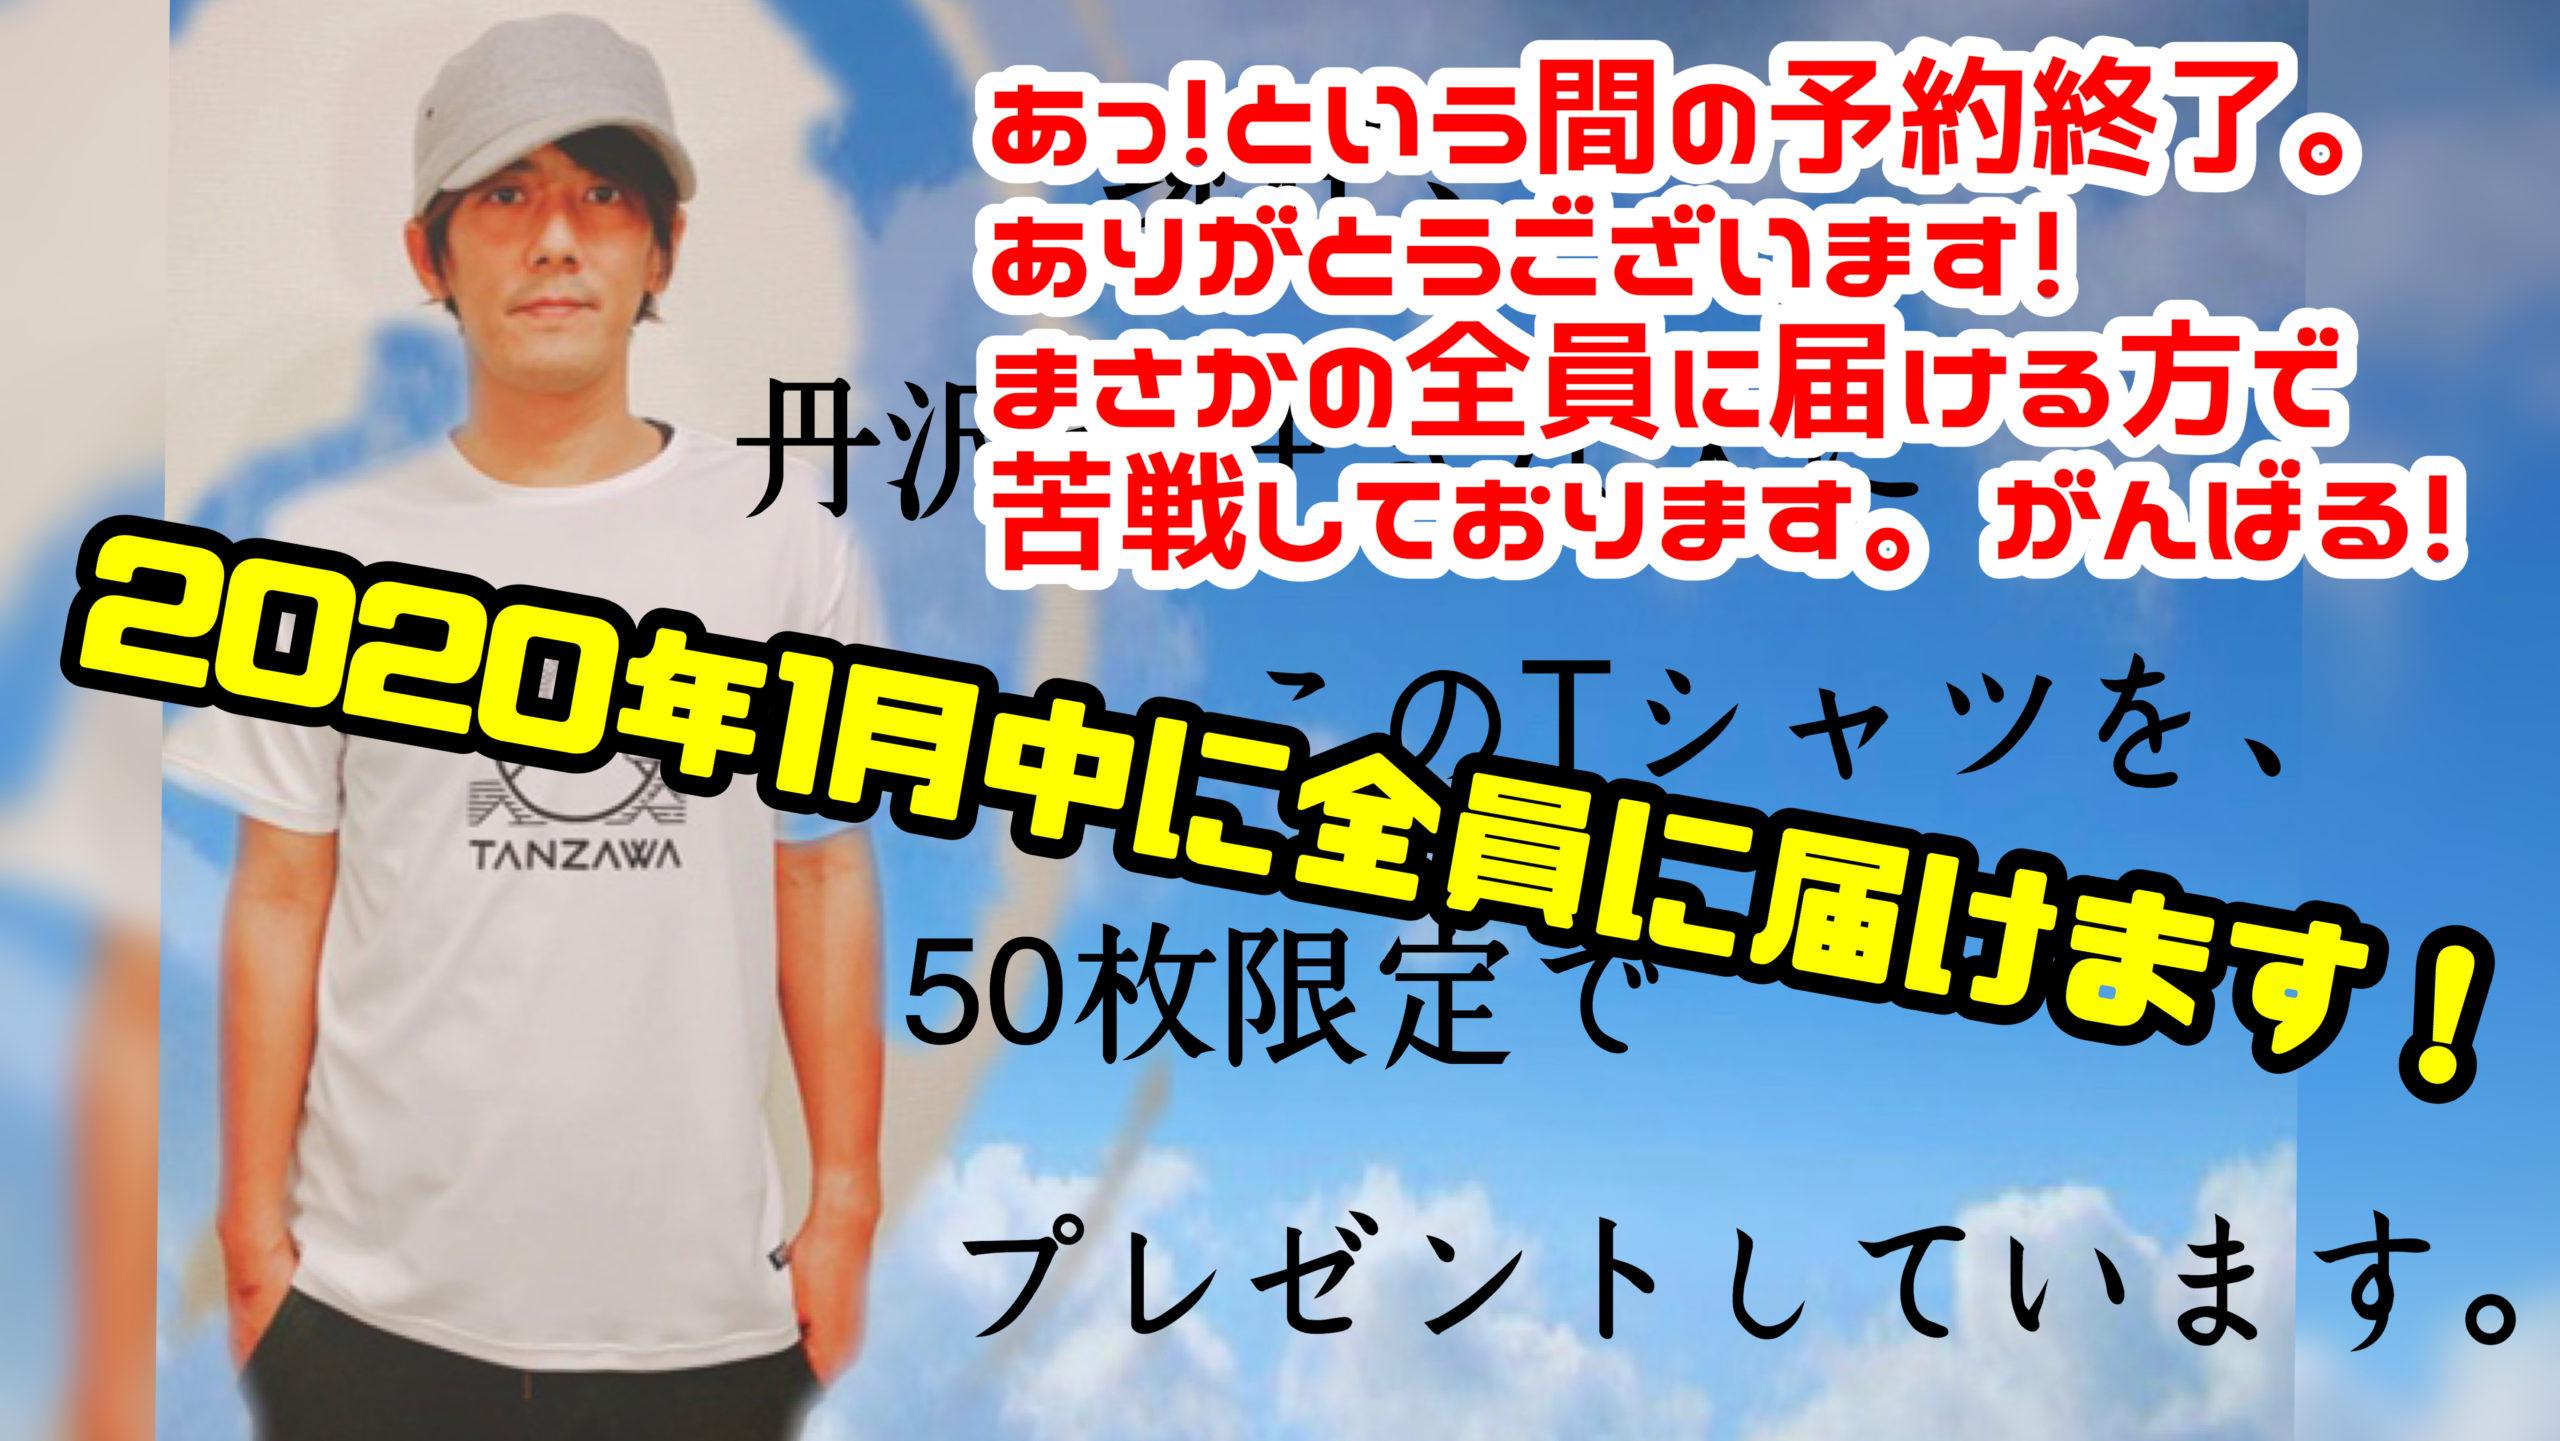 TANZAWA T-SHIRT #3「Tシャツあげます。」